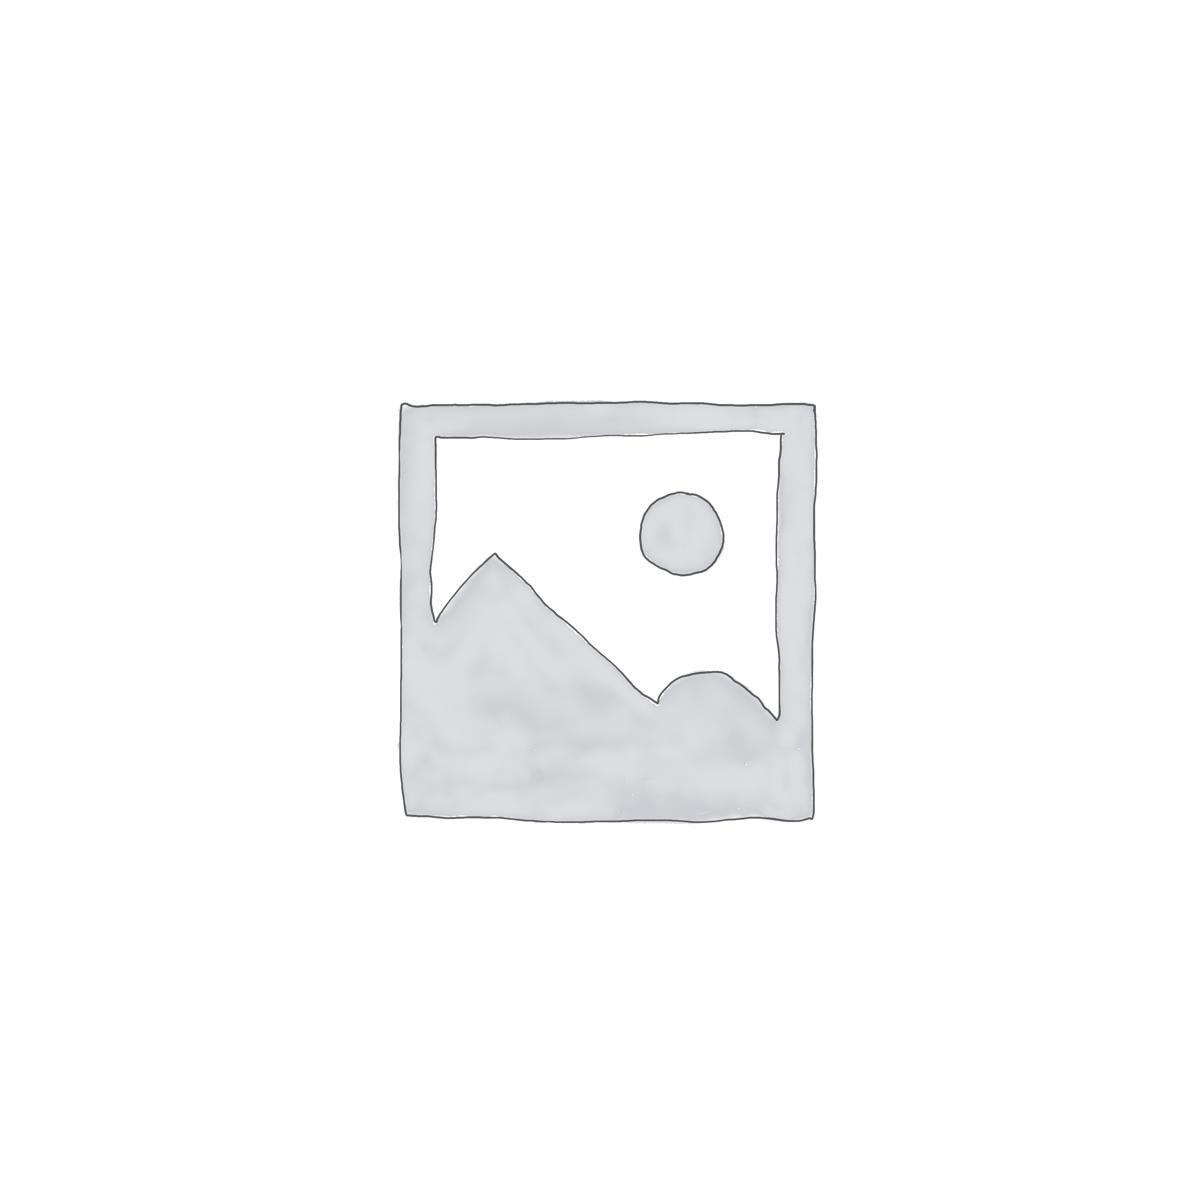 Maquiagem à Prova Saturação de Alta Caixa Sheloves Captador Forro Lábio Lápis Fosco Batom Dwaterproof Água Longa Duração Cor Qualidade Listick 24 Pçs –